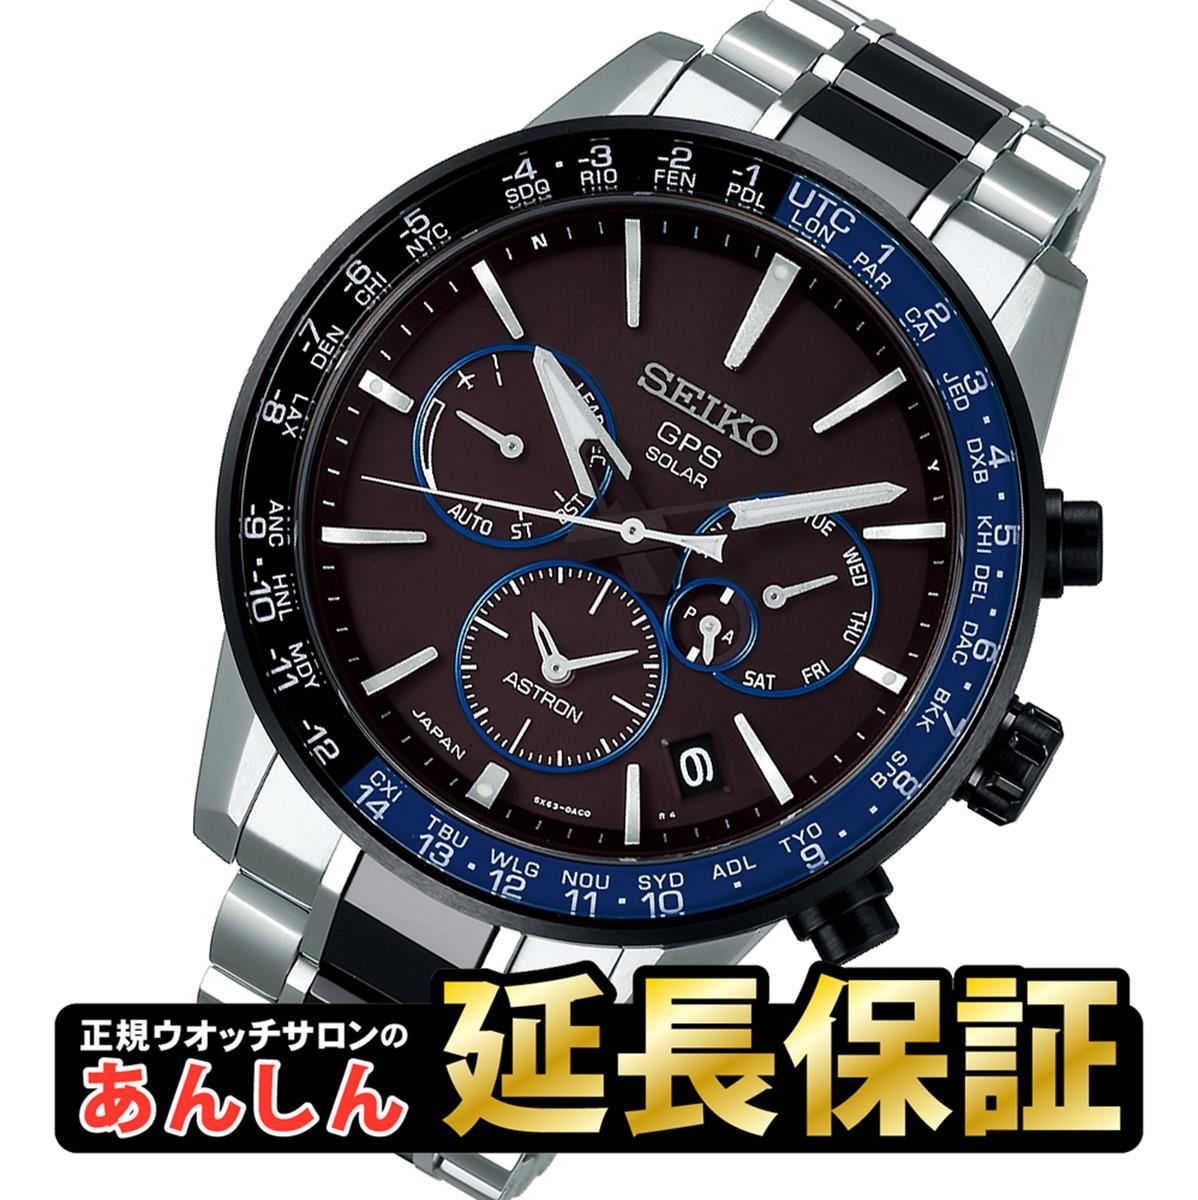 【2,000円OFFマラソンクーポン!9日20時から】SEIKO ASTRON セイコー アストロン コアショップ限定 SBXC009 GPSソーラー 5Xシリーズ メンズ 腕時計 【0219】_10spl